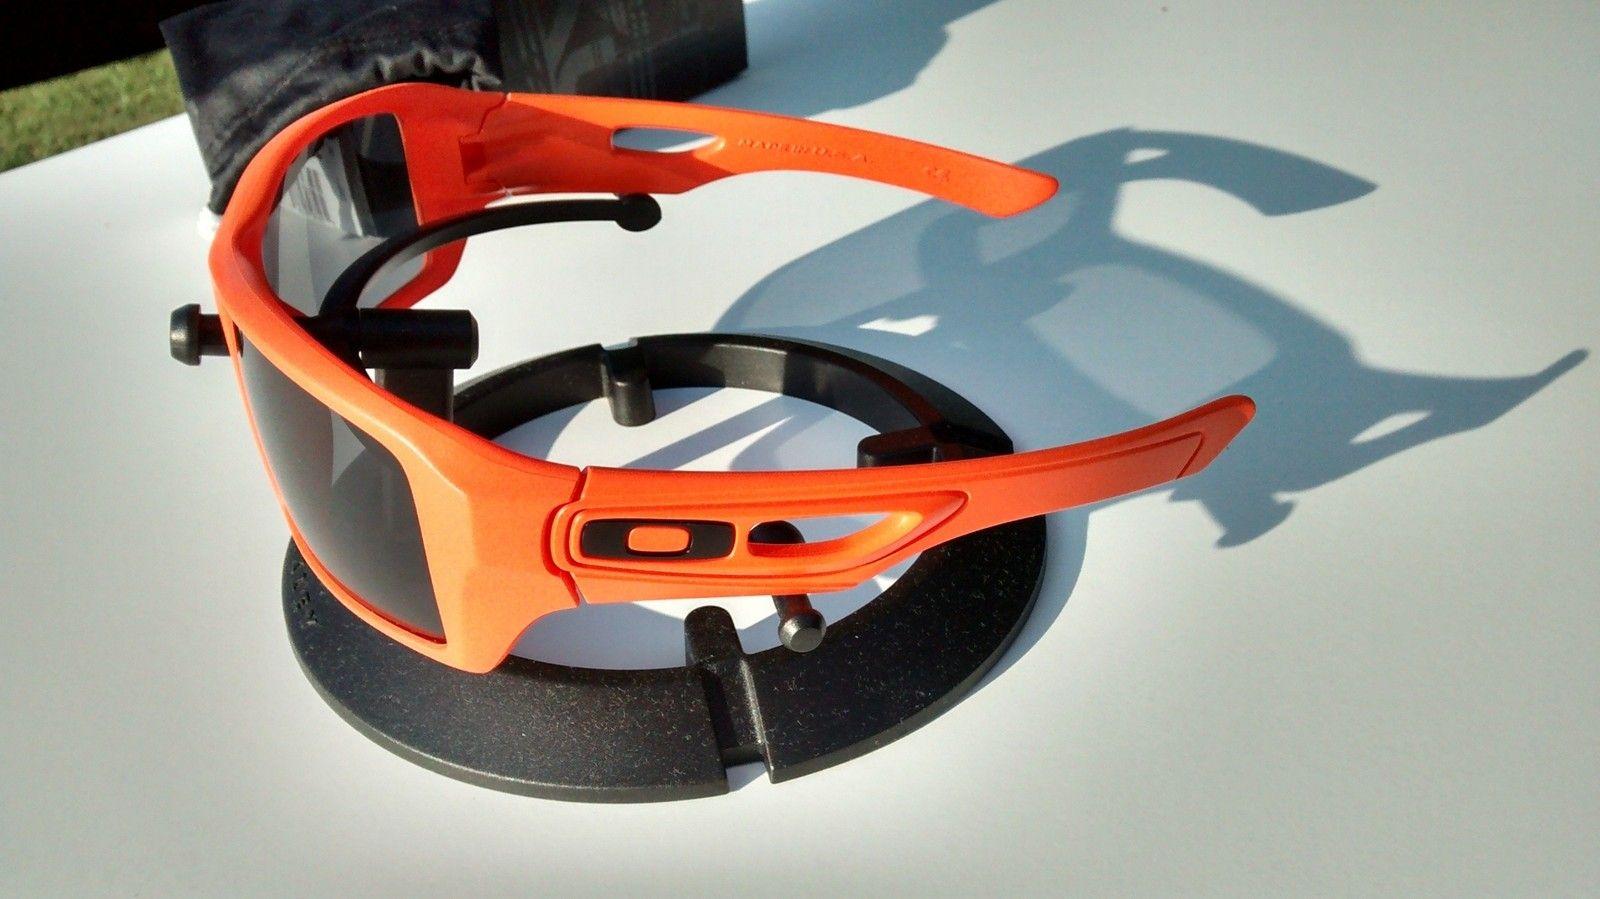 Safety Orange Cerakote Eyepatch 2 - 8kOszNI.jpg